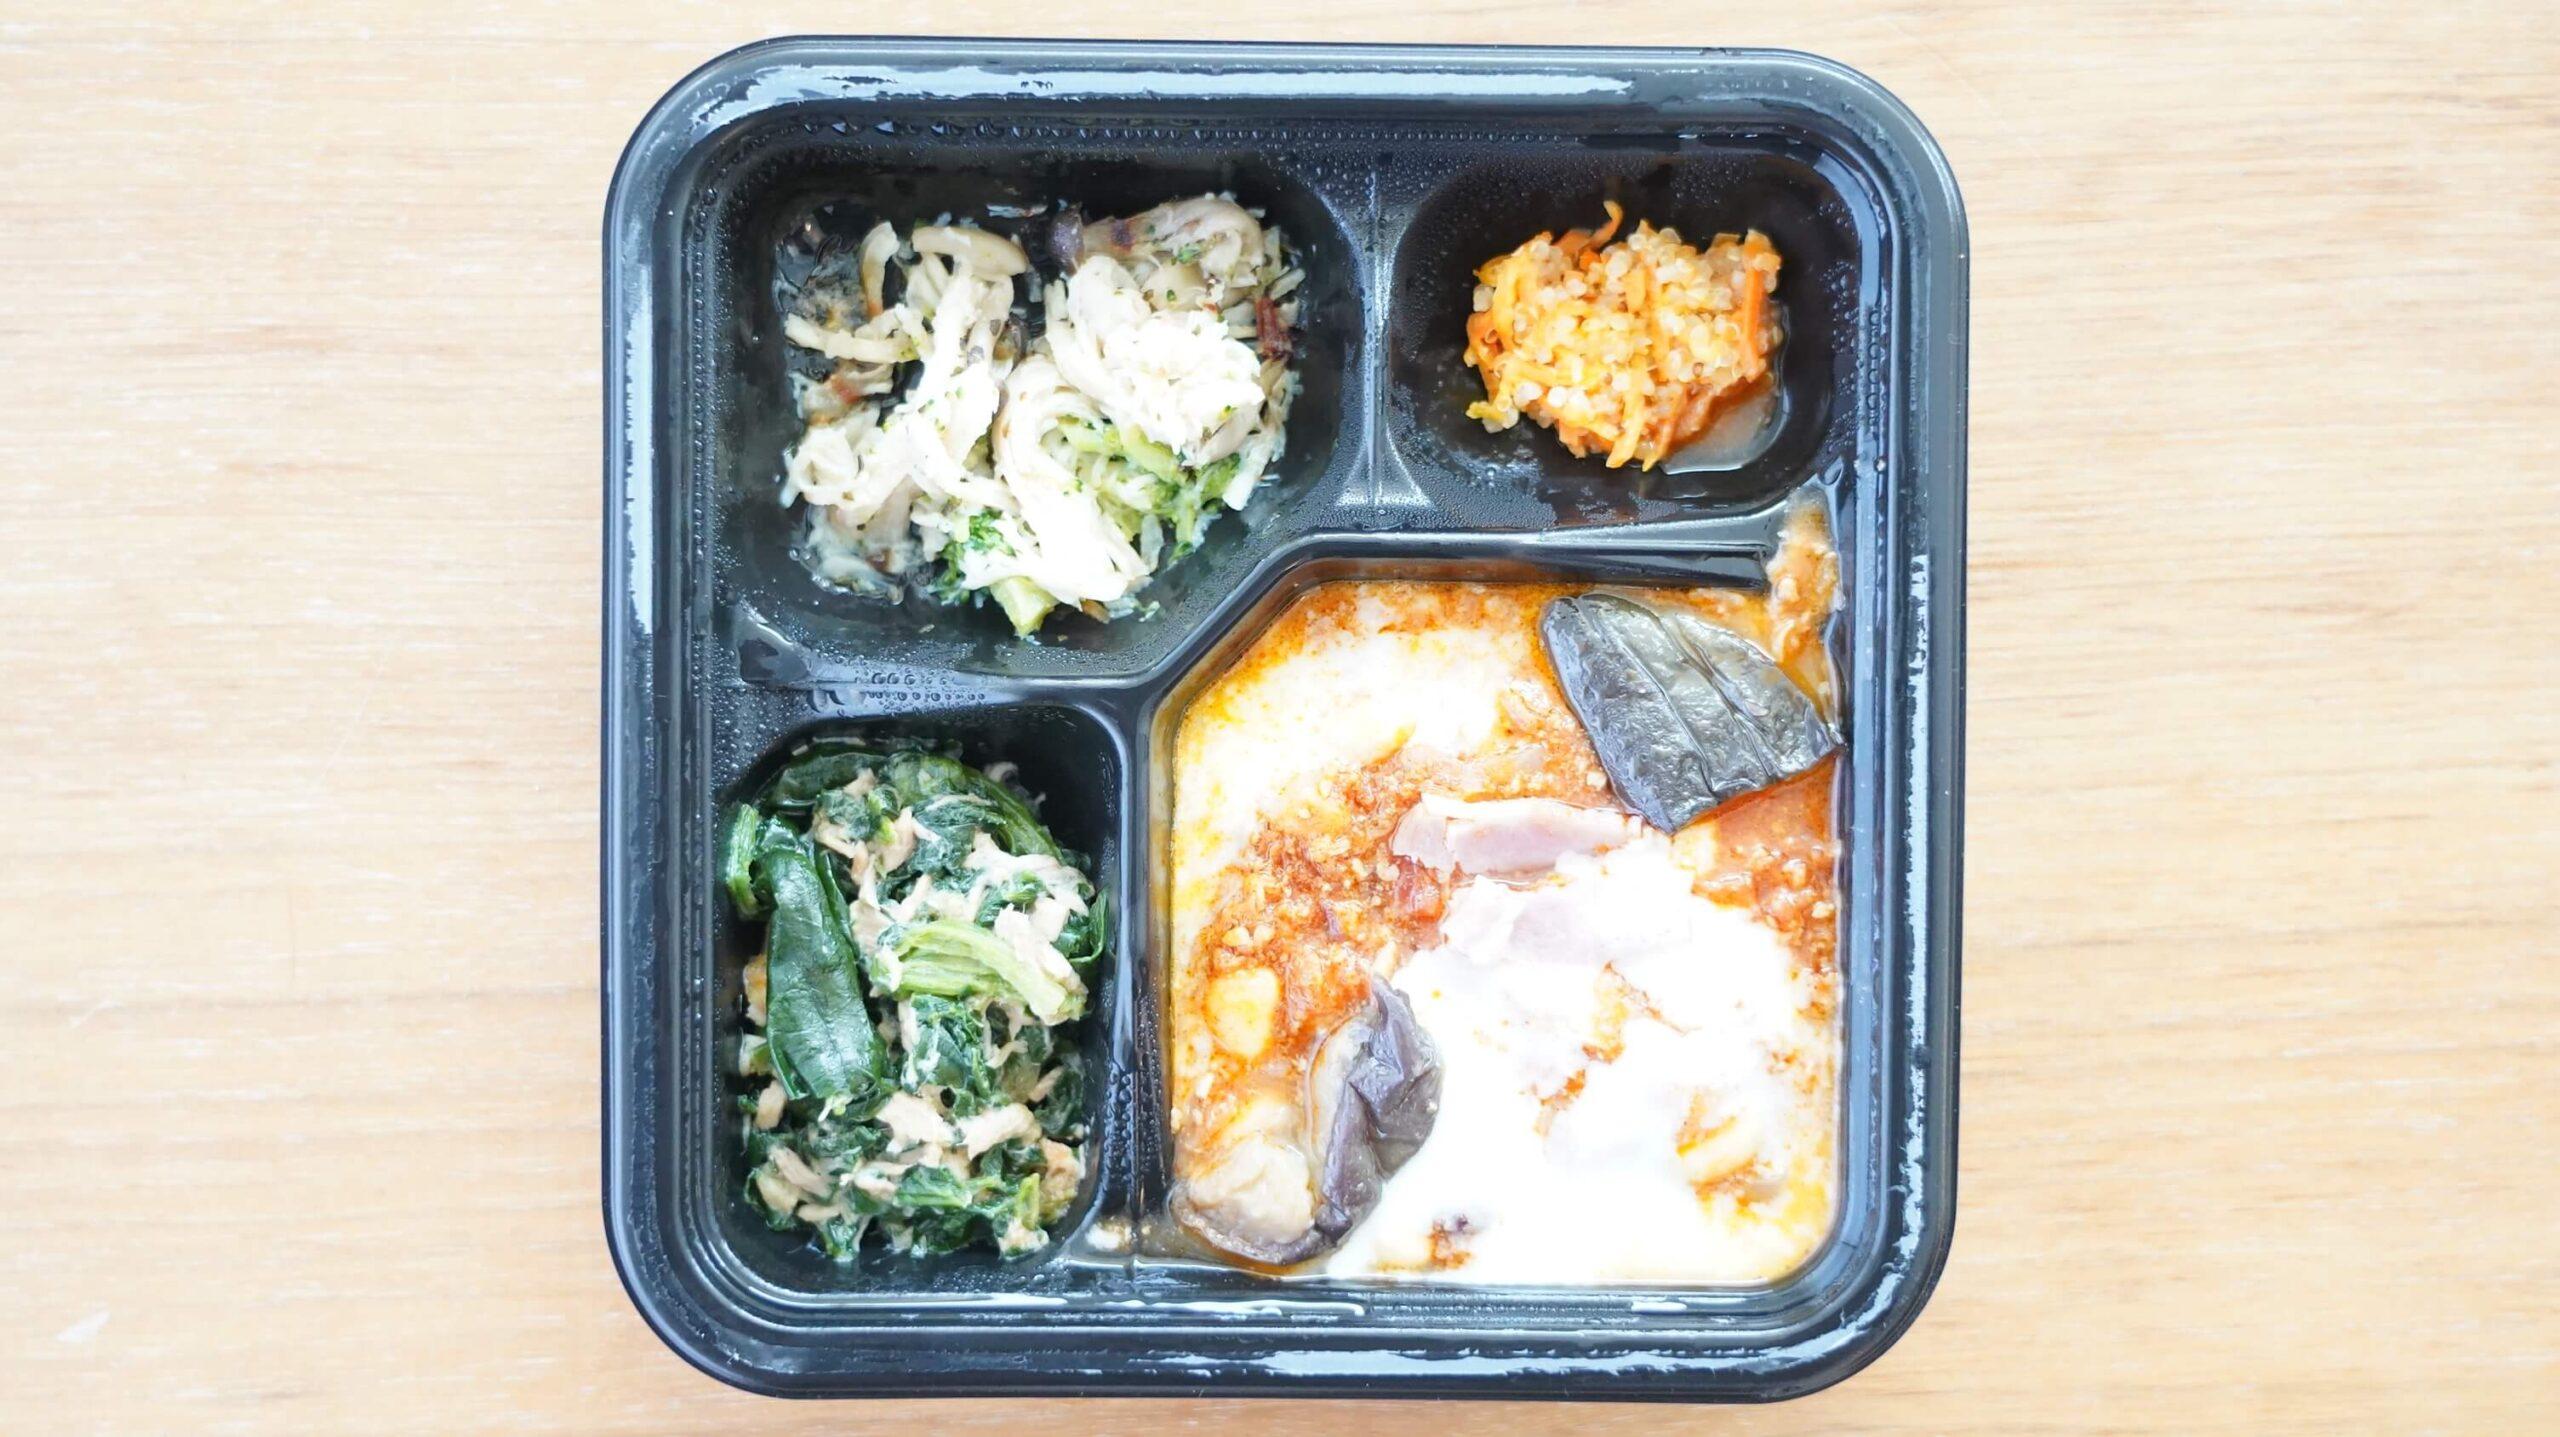 ライザップ(RIZAP)で食事制限してダイエットする際に使う宅食用ボディメイク冷凍弁当「サポートミール」(健康食品)の「チリコンカン」の写真